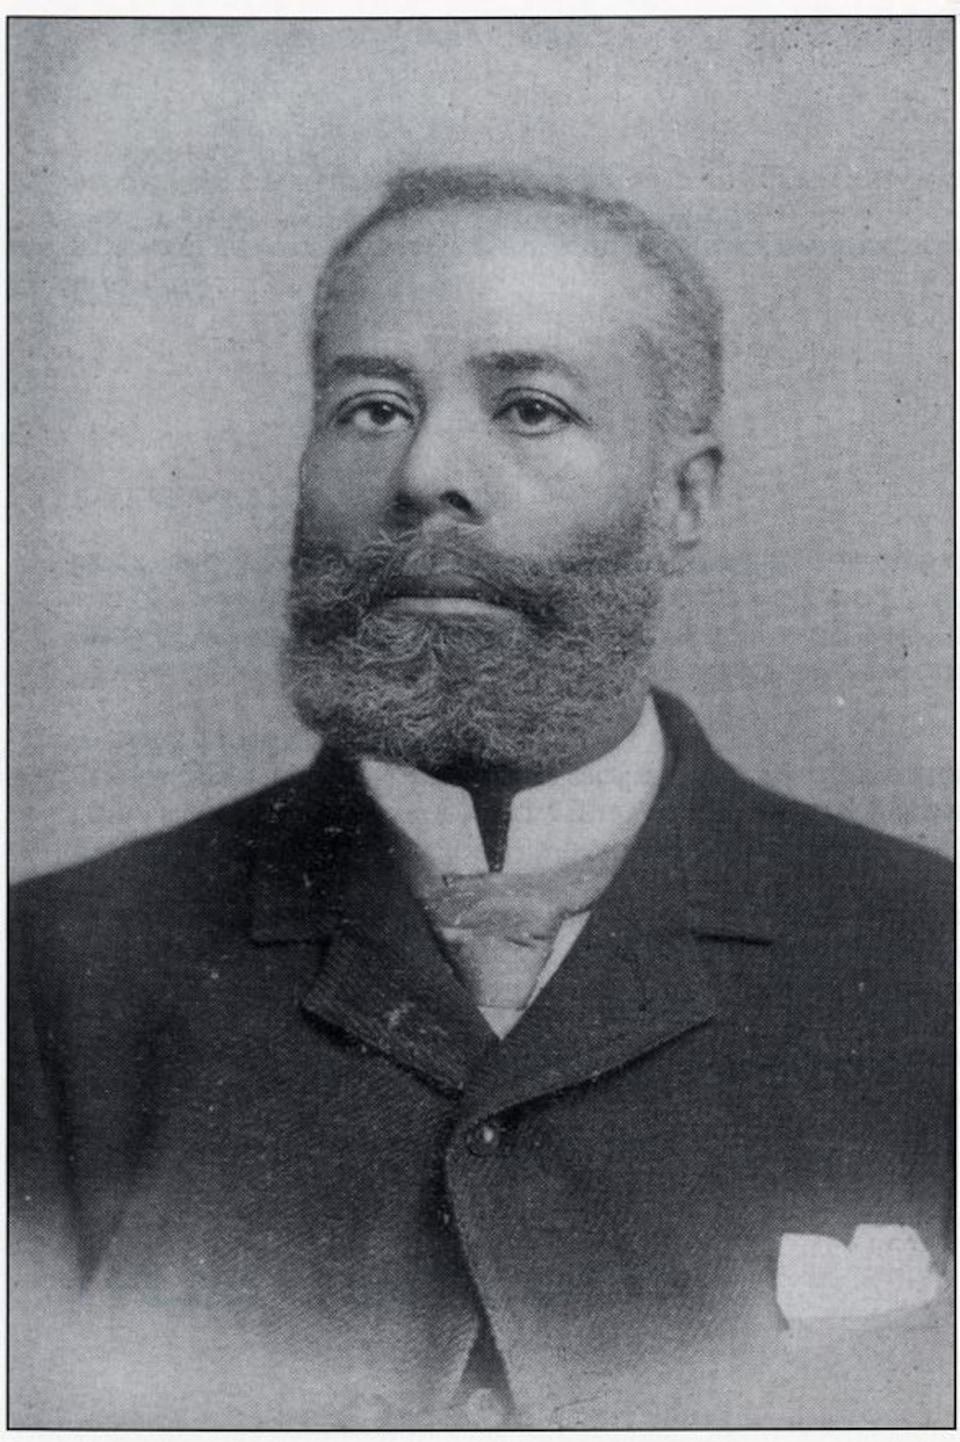 Un homme sur une ancienne photo